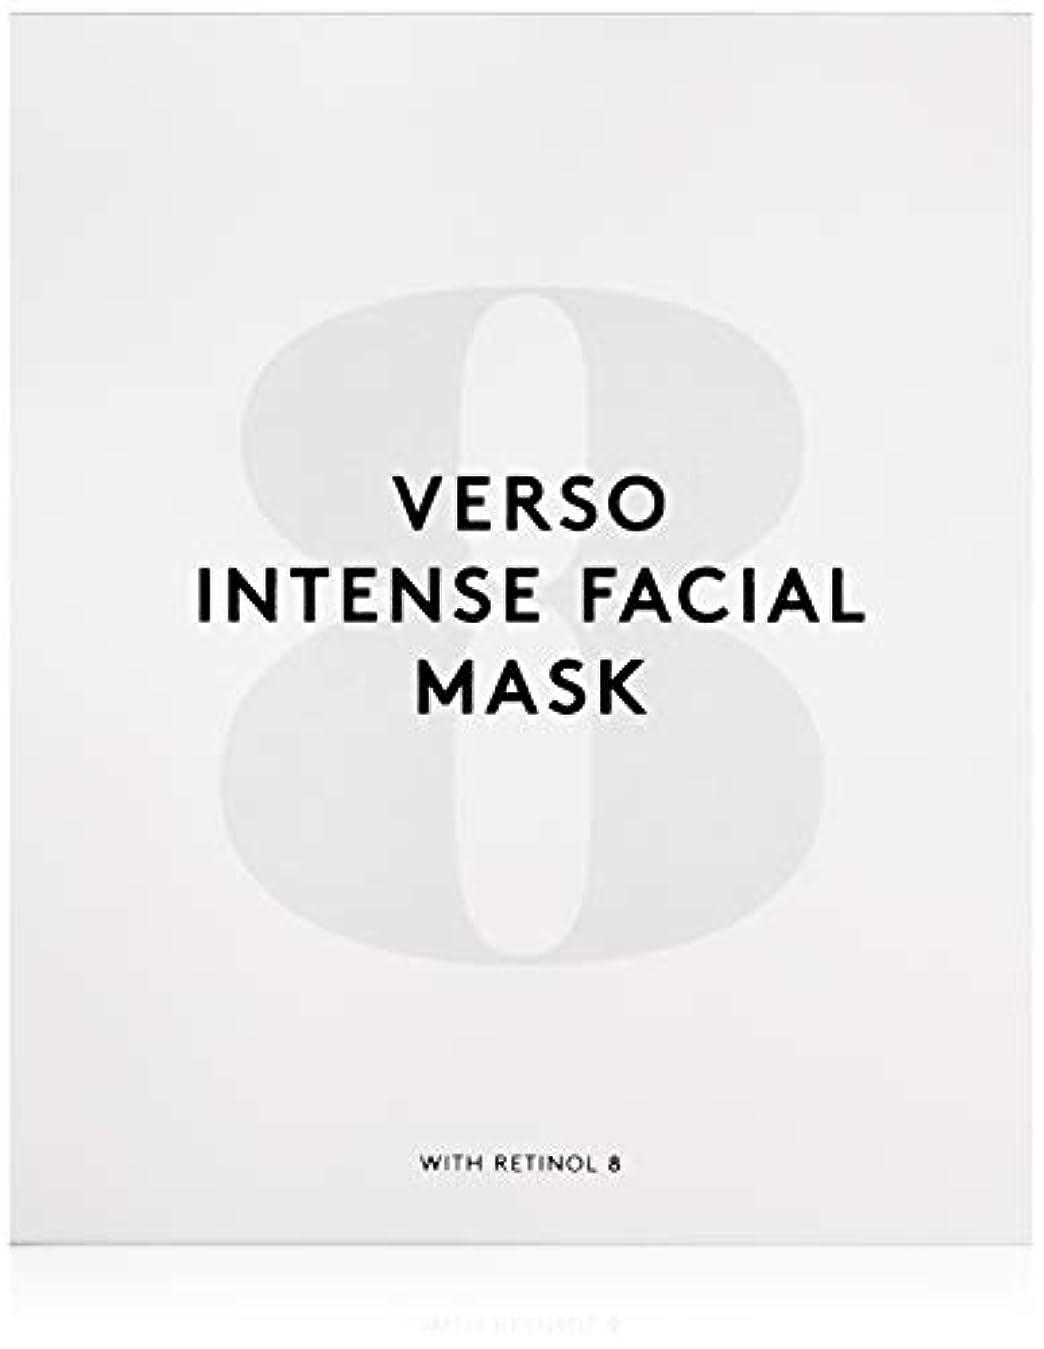 経験プレゼン私たち自身ヴェルソスキンケア インテンスフェイシャルマスク 4x25g/0.88oz